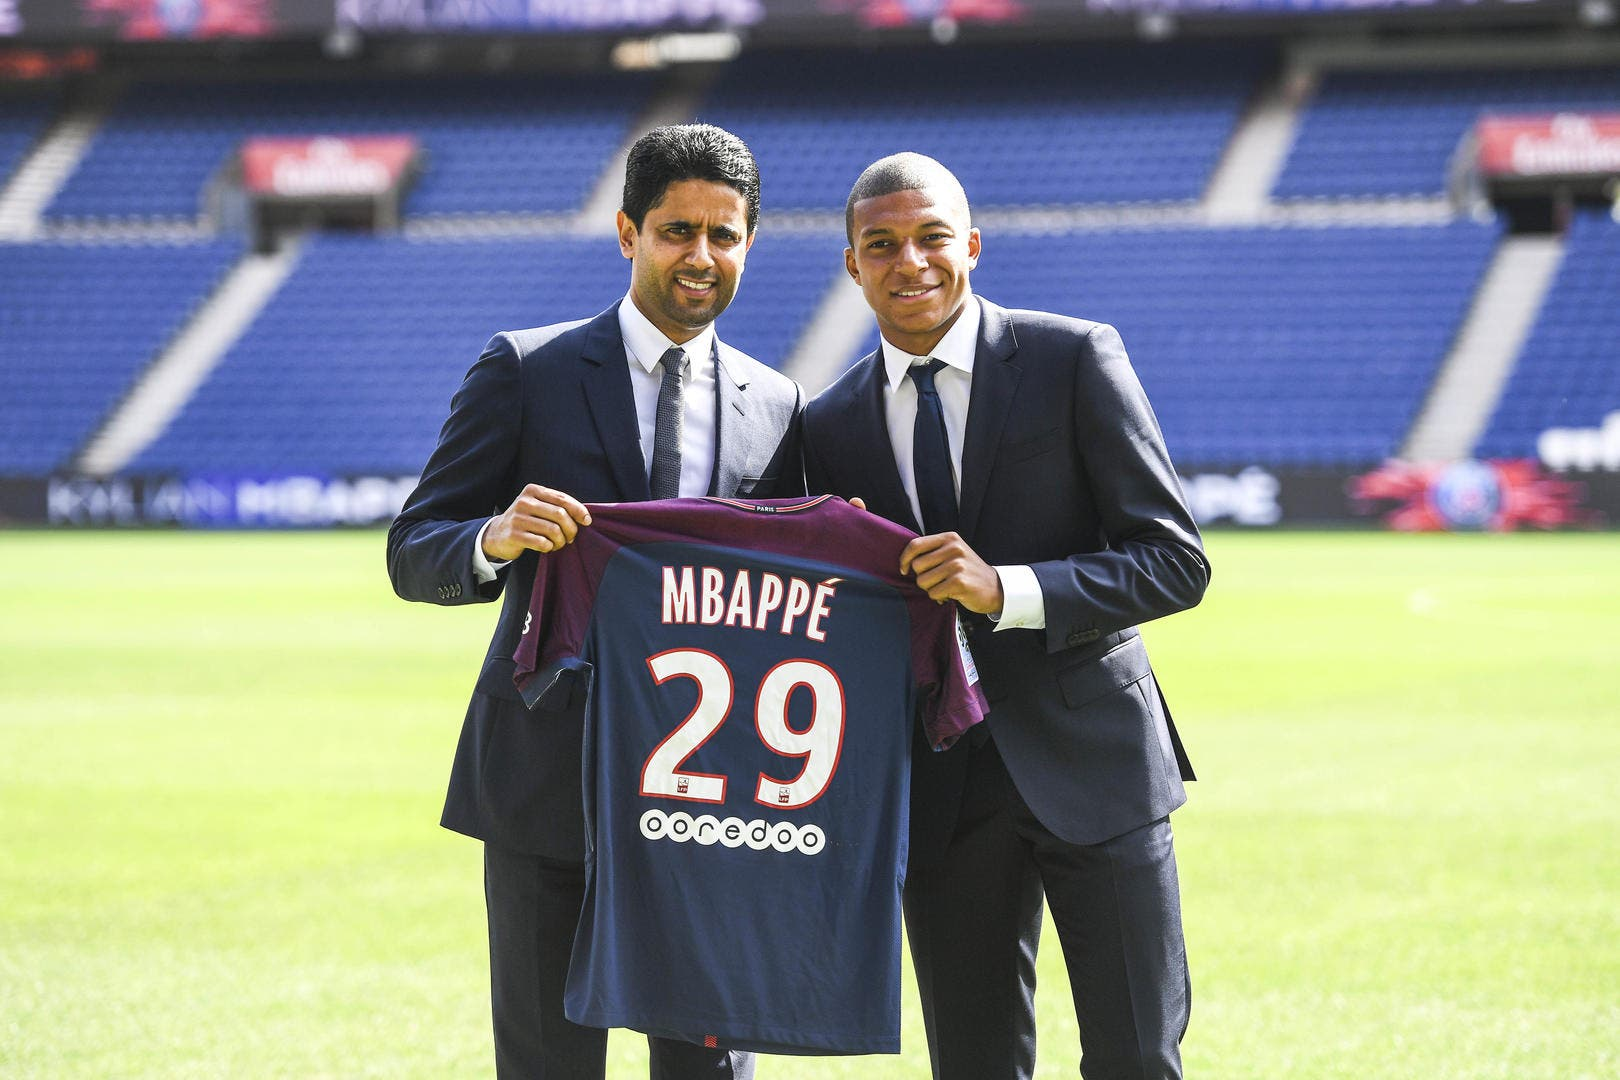 MBAPPÉ 2022, PARIS A LE SECRET POUR LE PROLONGER !